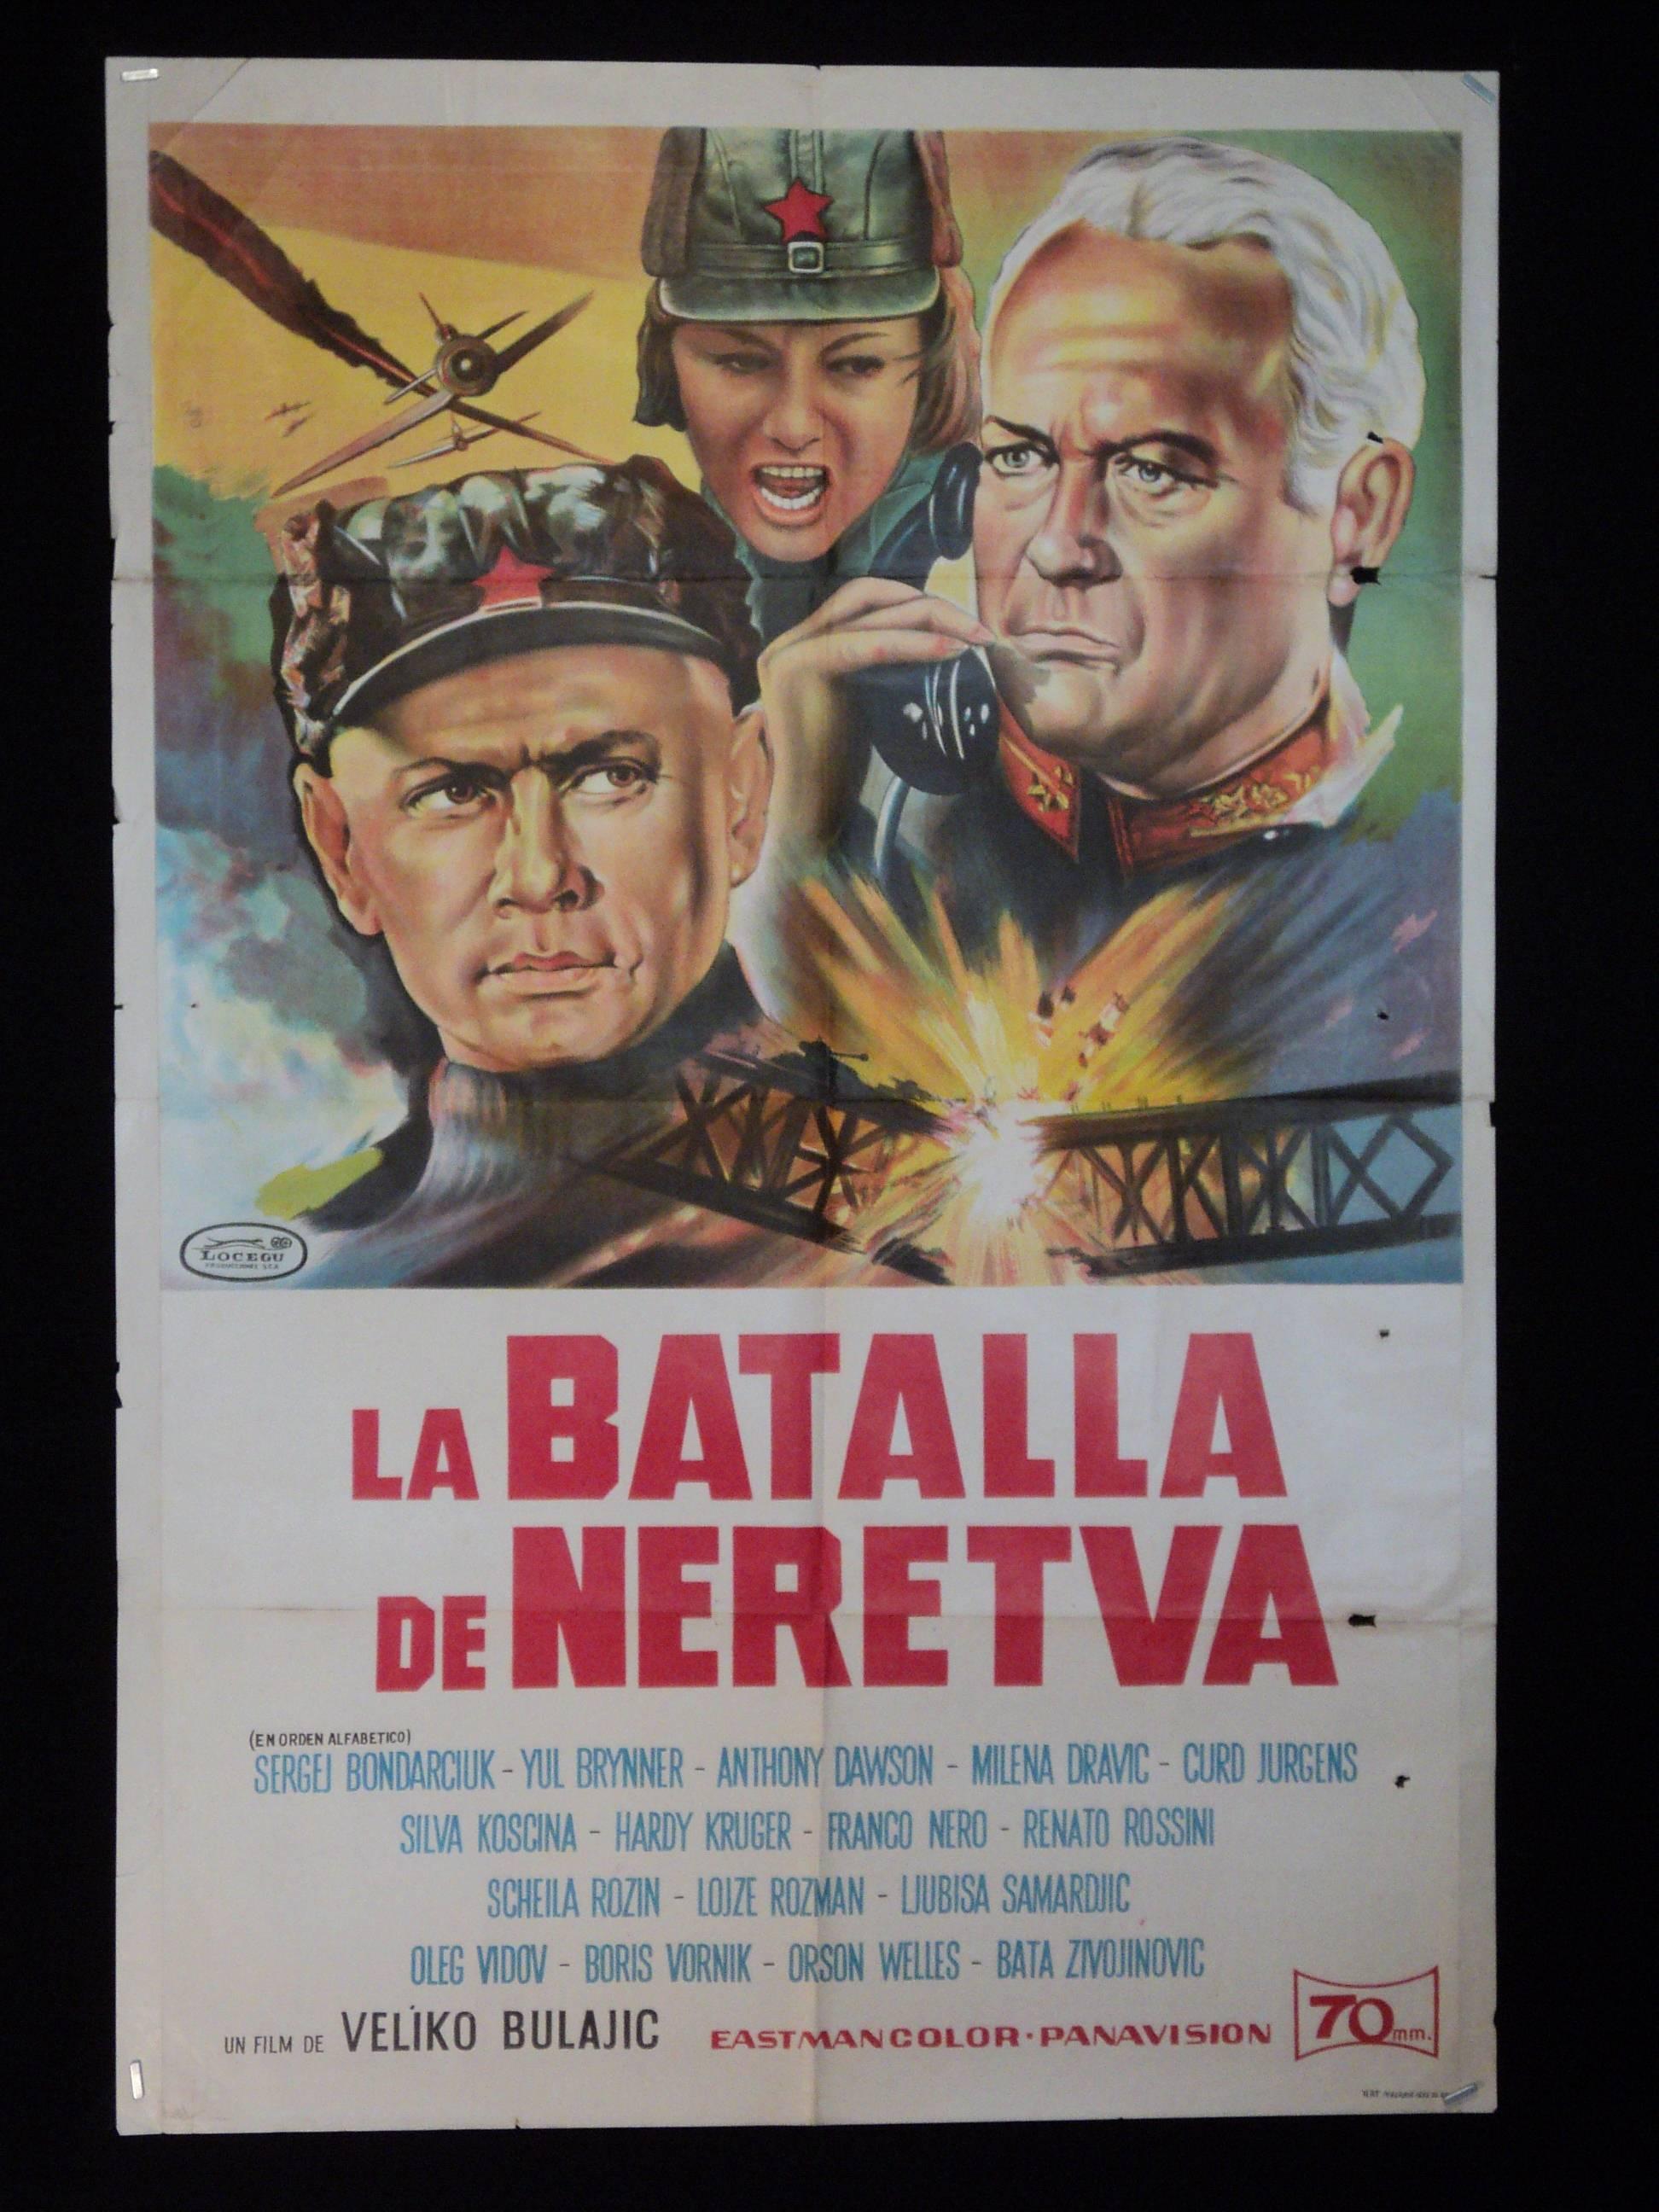 Battle of Neretva - Movie Soundtrack by Bernard Herrmann